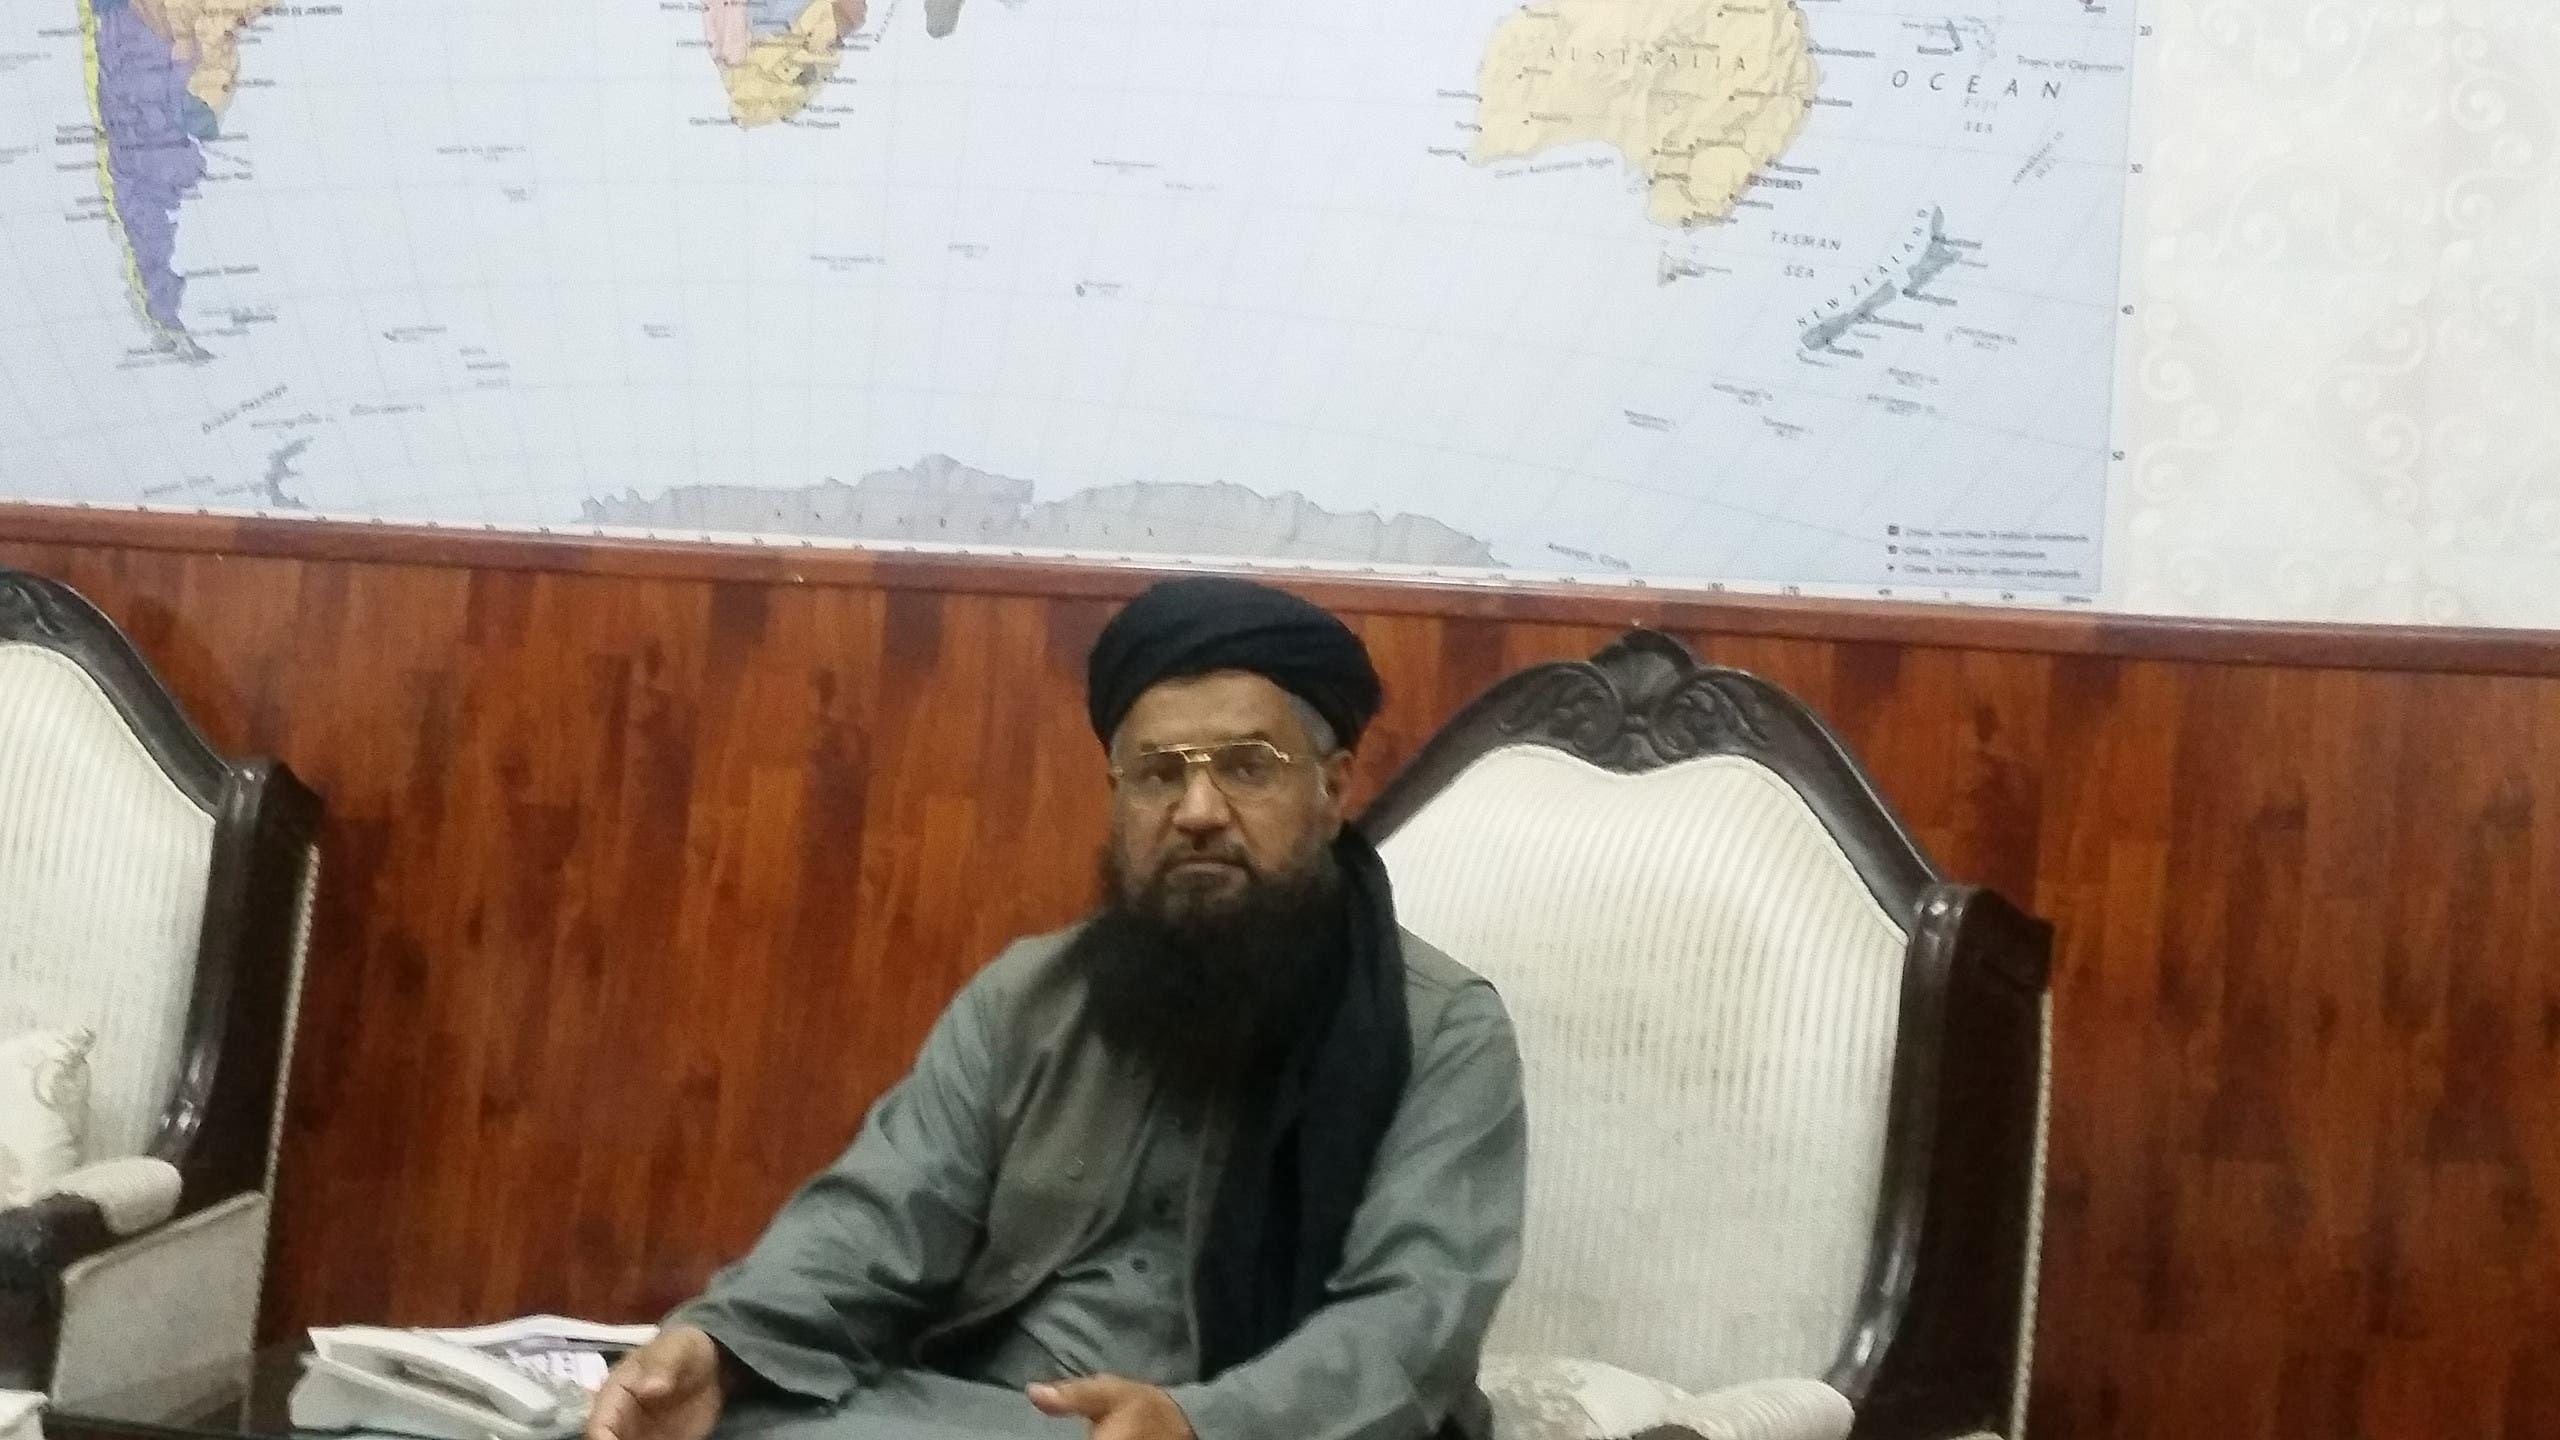 تحریک دفاعِ حرمین شریفین  کے سیکریٹری  جنرل  اور سربراہ انصار الاُمہ پاکستان مولانا فضل الرحمان خلیل